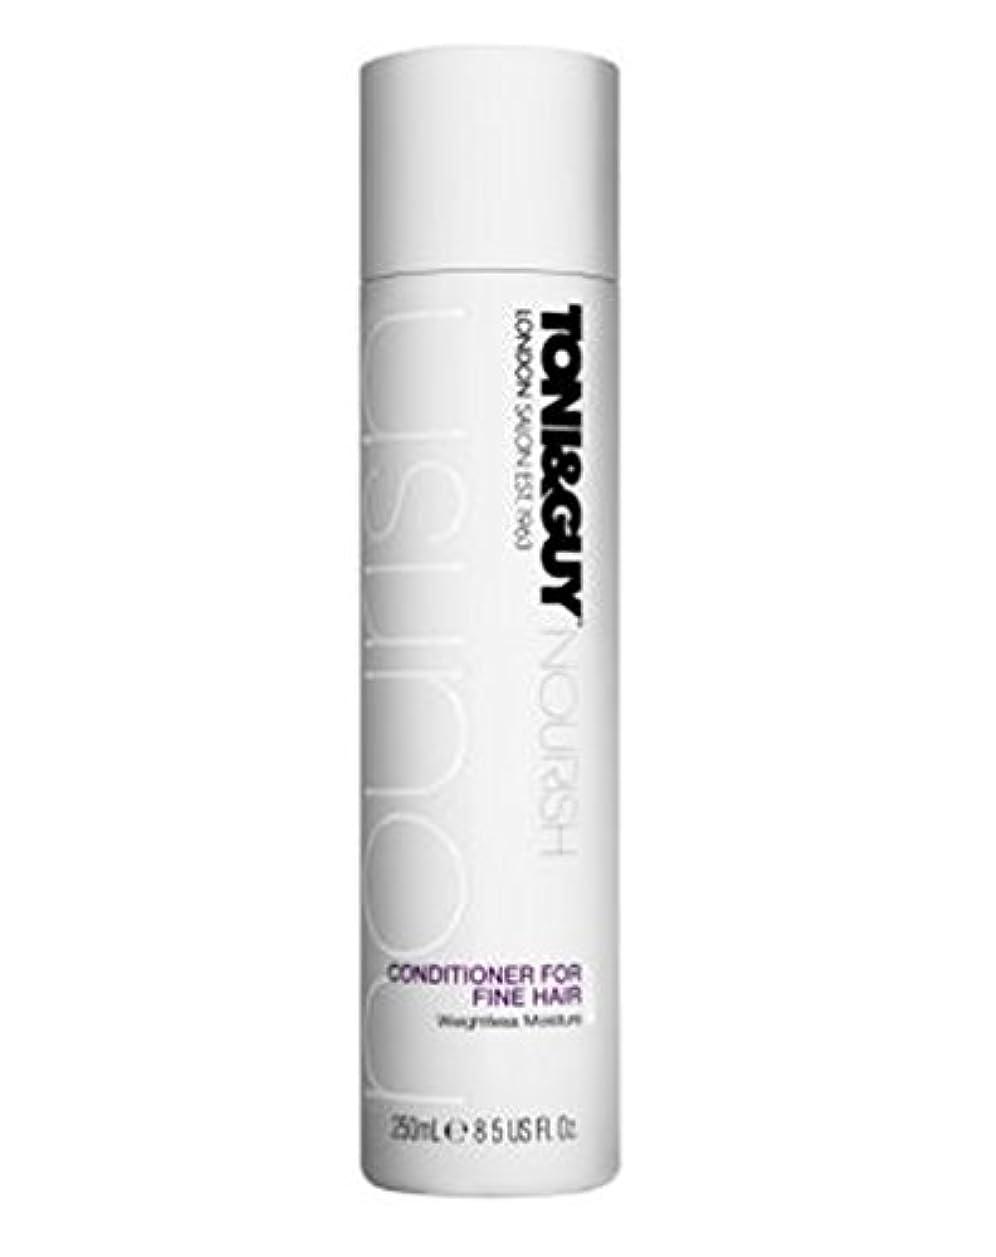 シリーズ背骨マイクトニ&男は細い髪の250ミリリットルのためにコンディショナーを養います (Toni & Guy) (x2) - Toni&Guy Nourish Conditioner for Fine Hair 250ml (Pack...